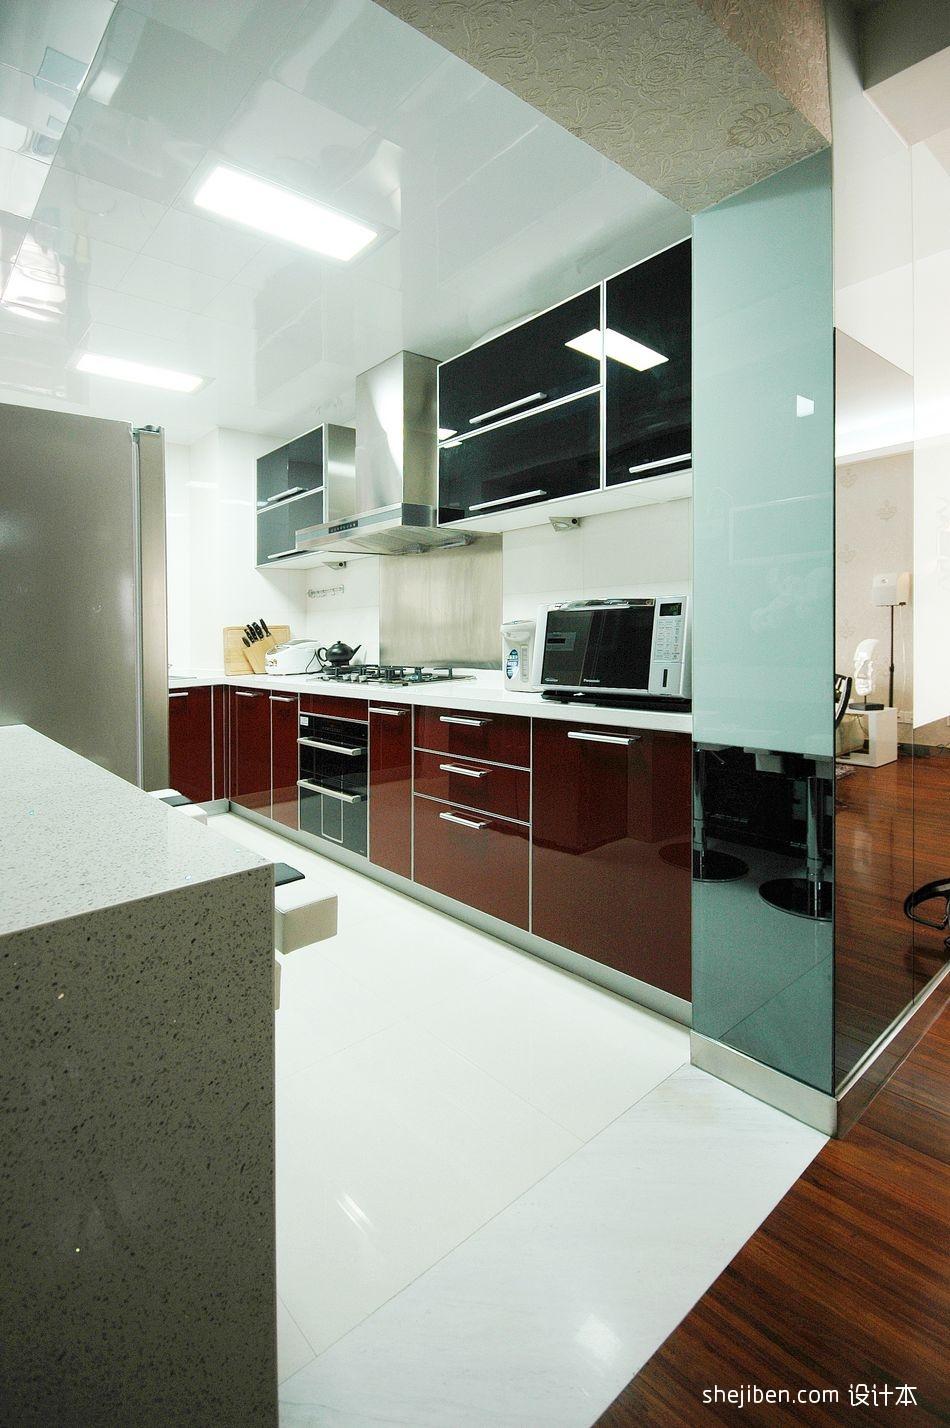 2018精选面积93平混搭三居厨房装修实景图餐厅潮流混搭厨房设计图片赏析